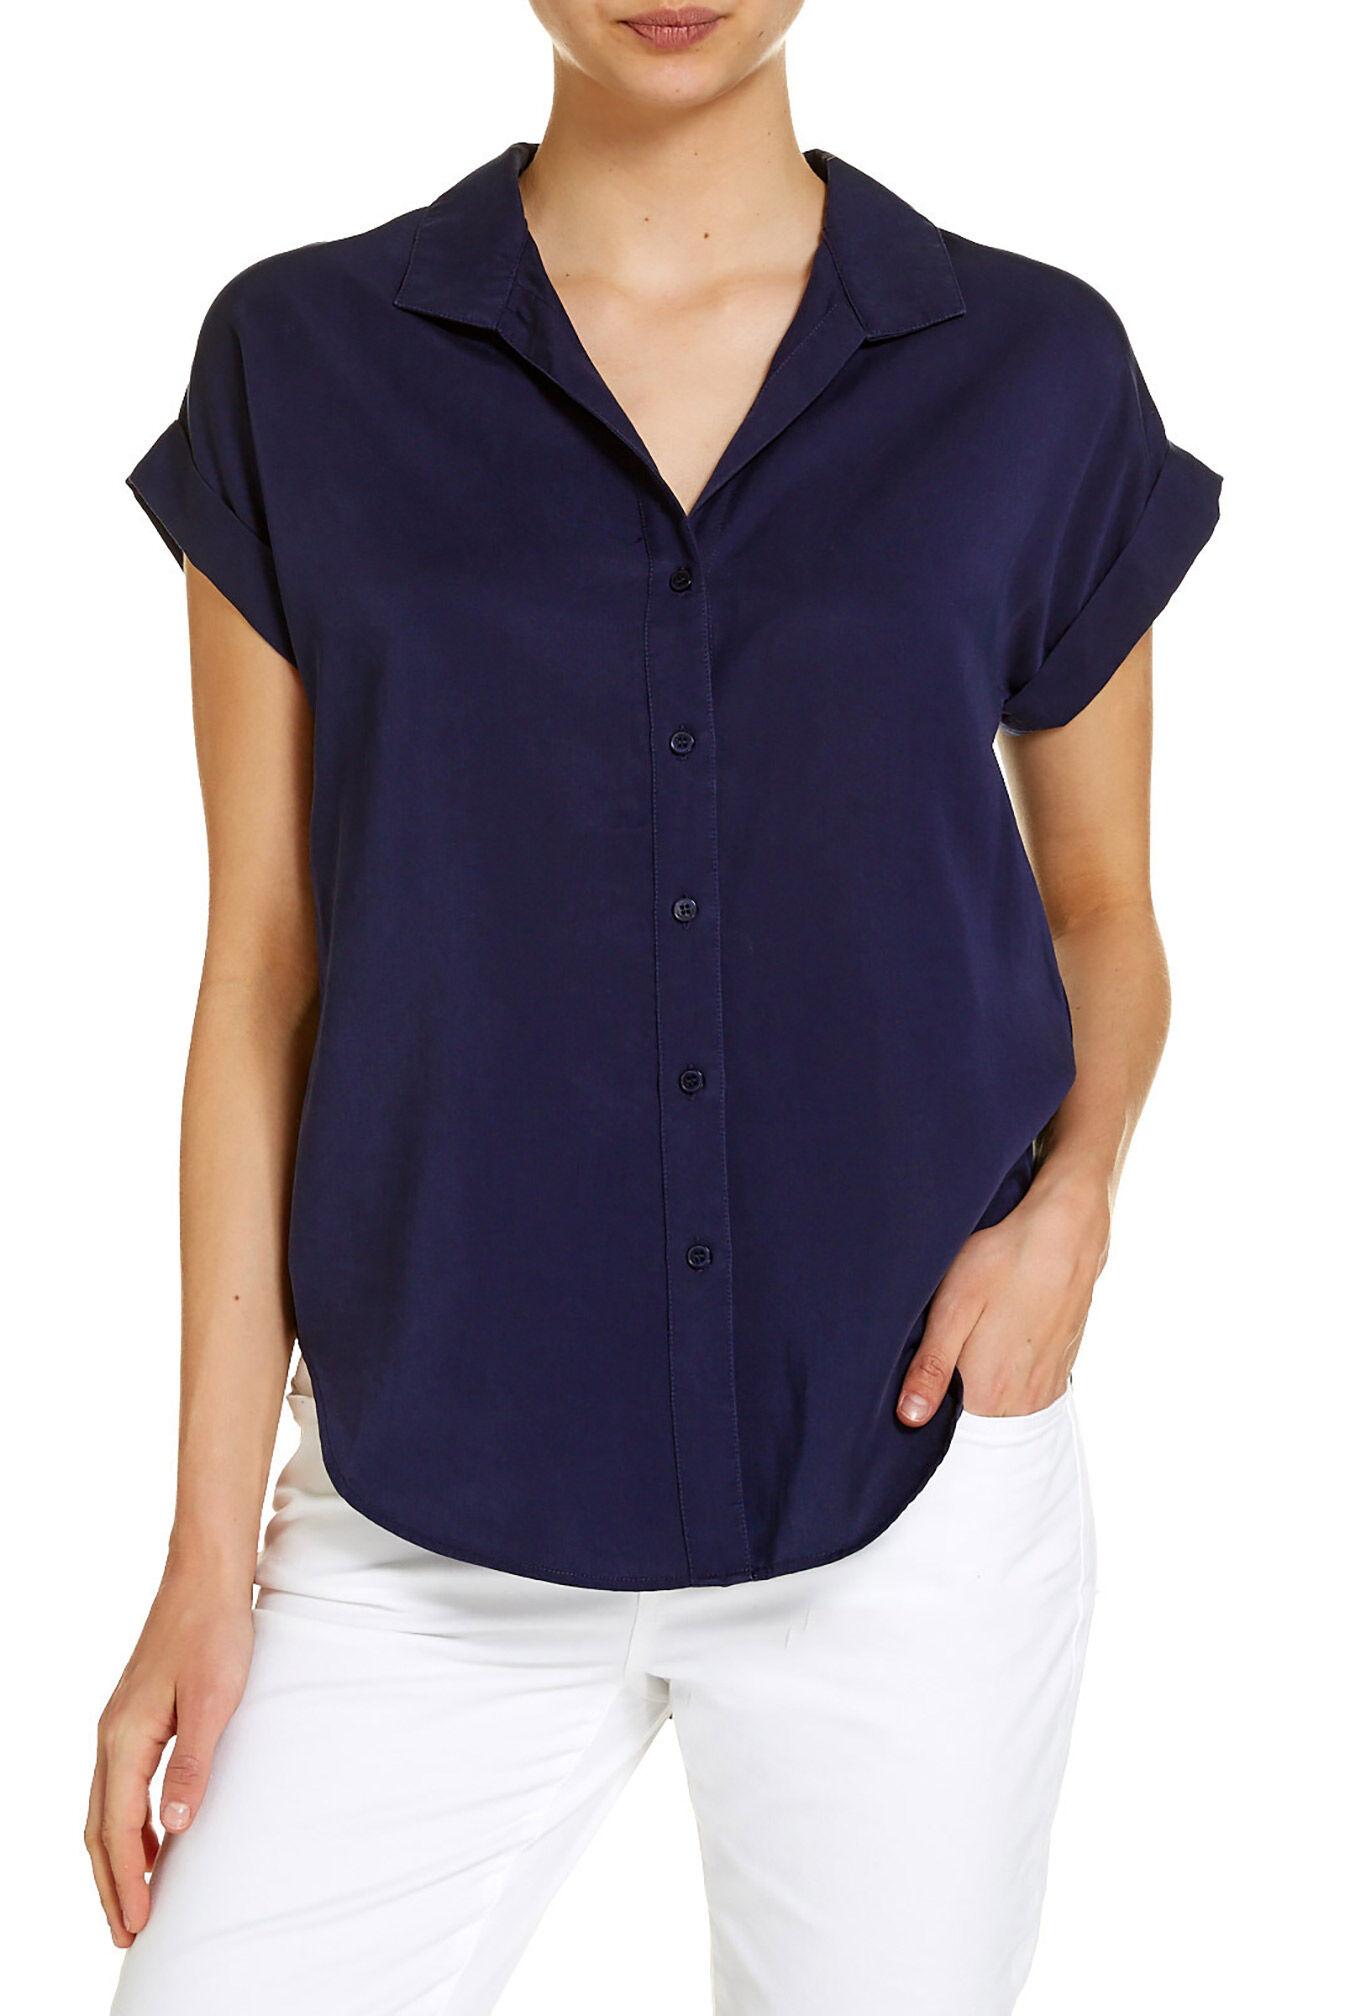 792c111360bf2 Tencel shirt women